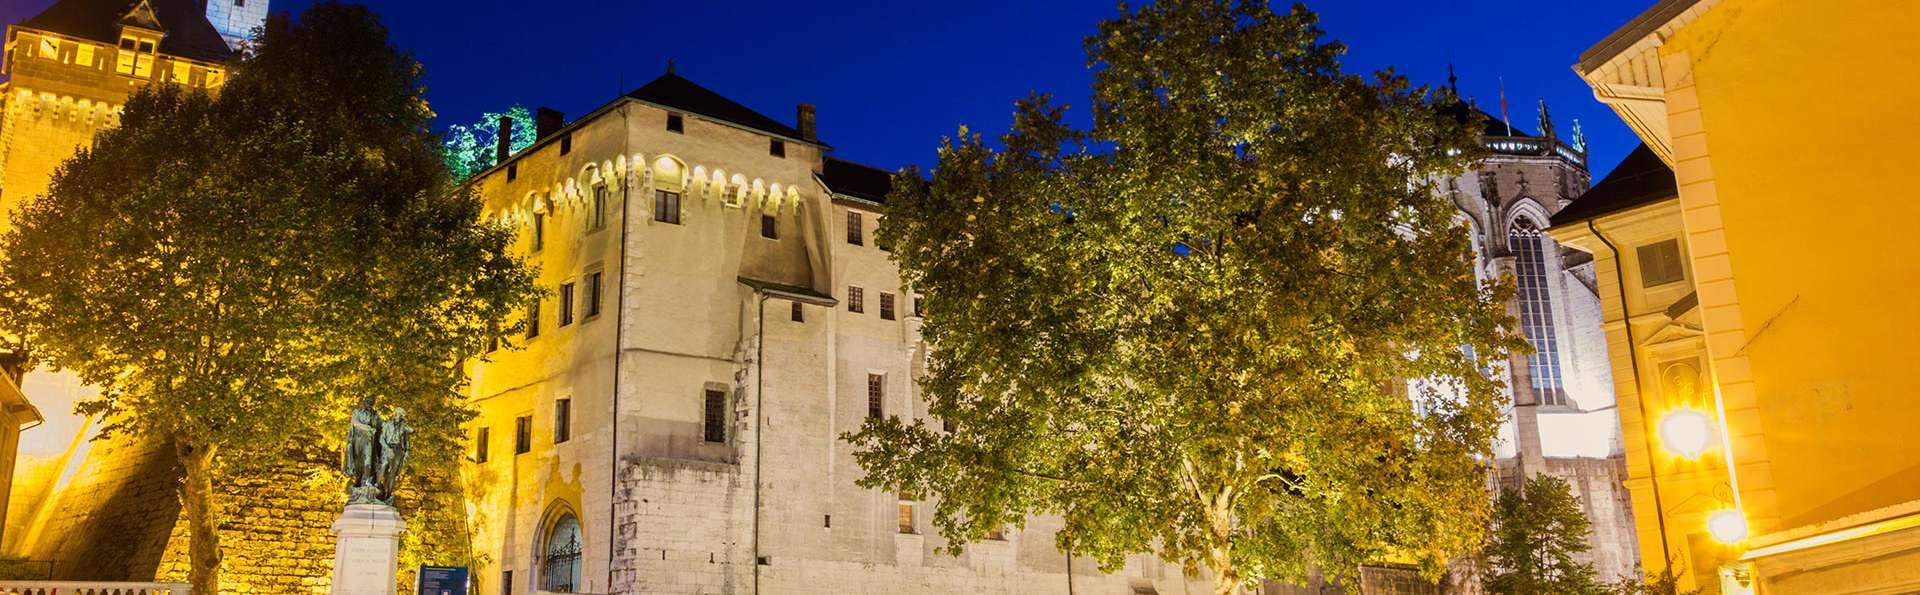 Cultura y patrimonio en pleno corazón de Chambéry